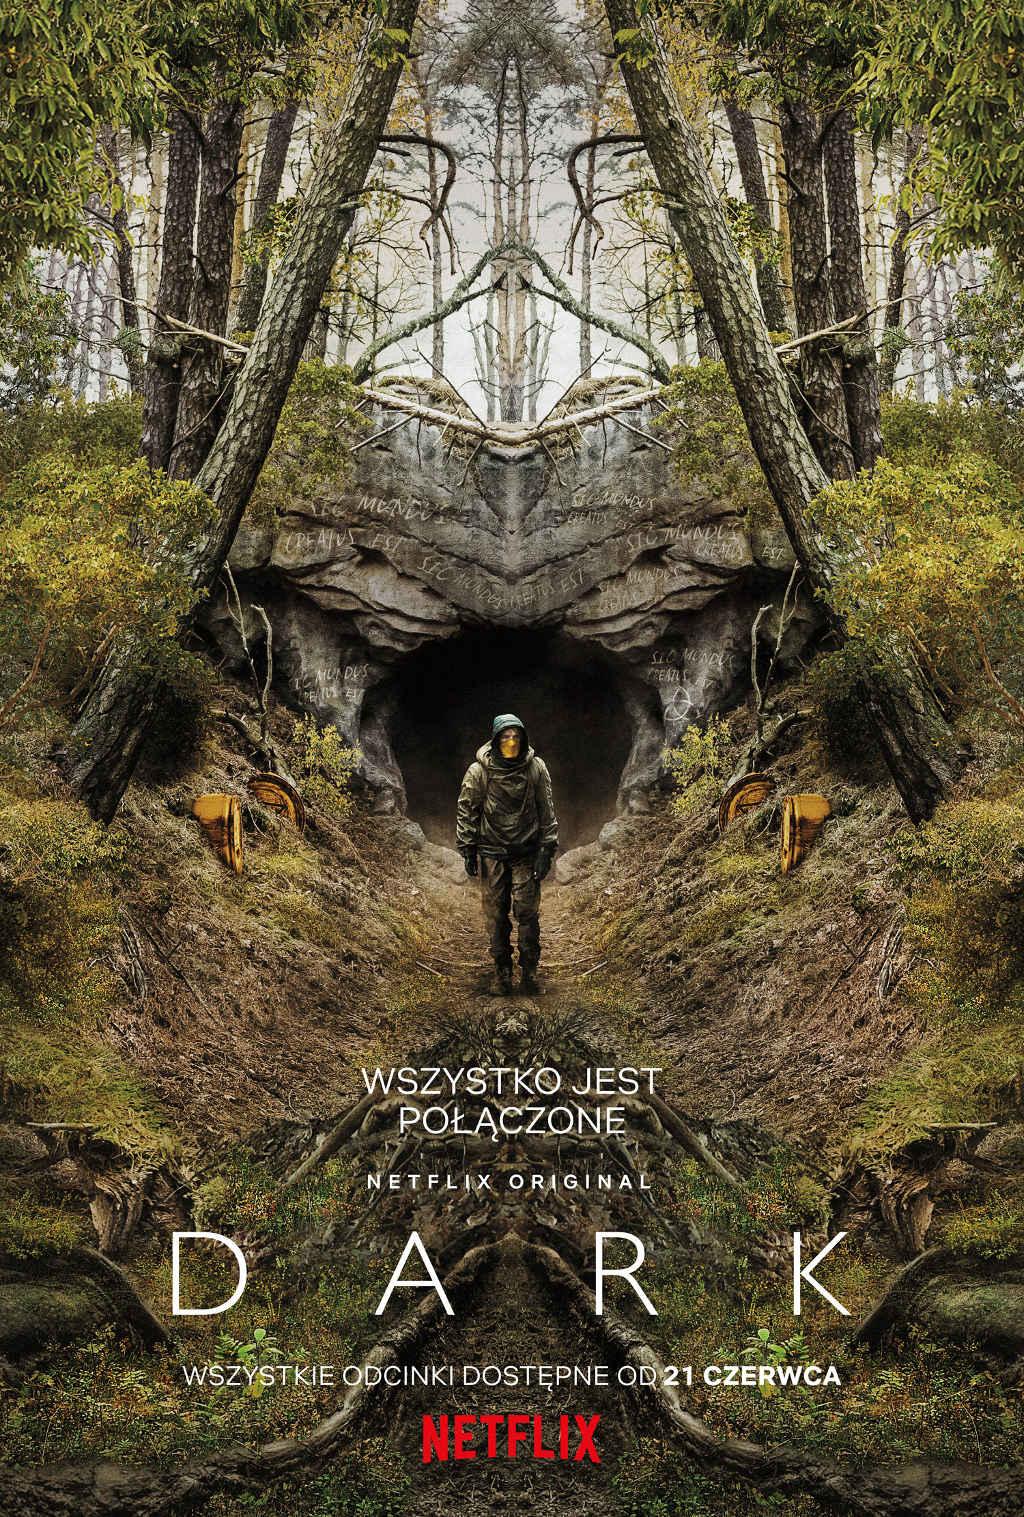 Netflix DARK Poster